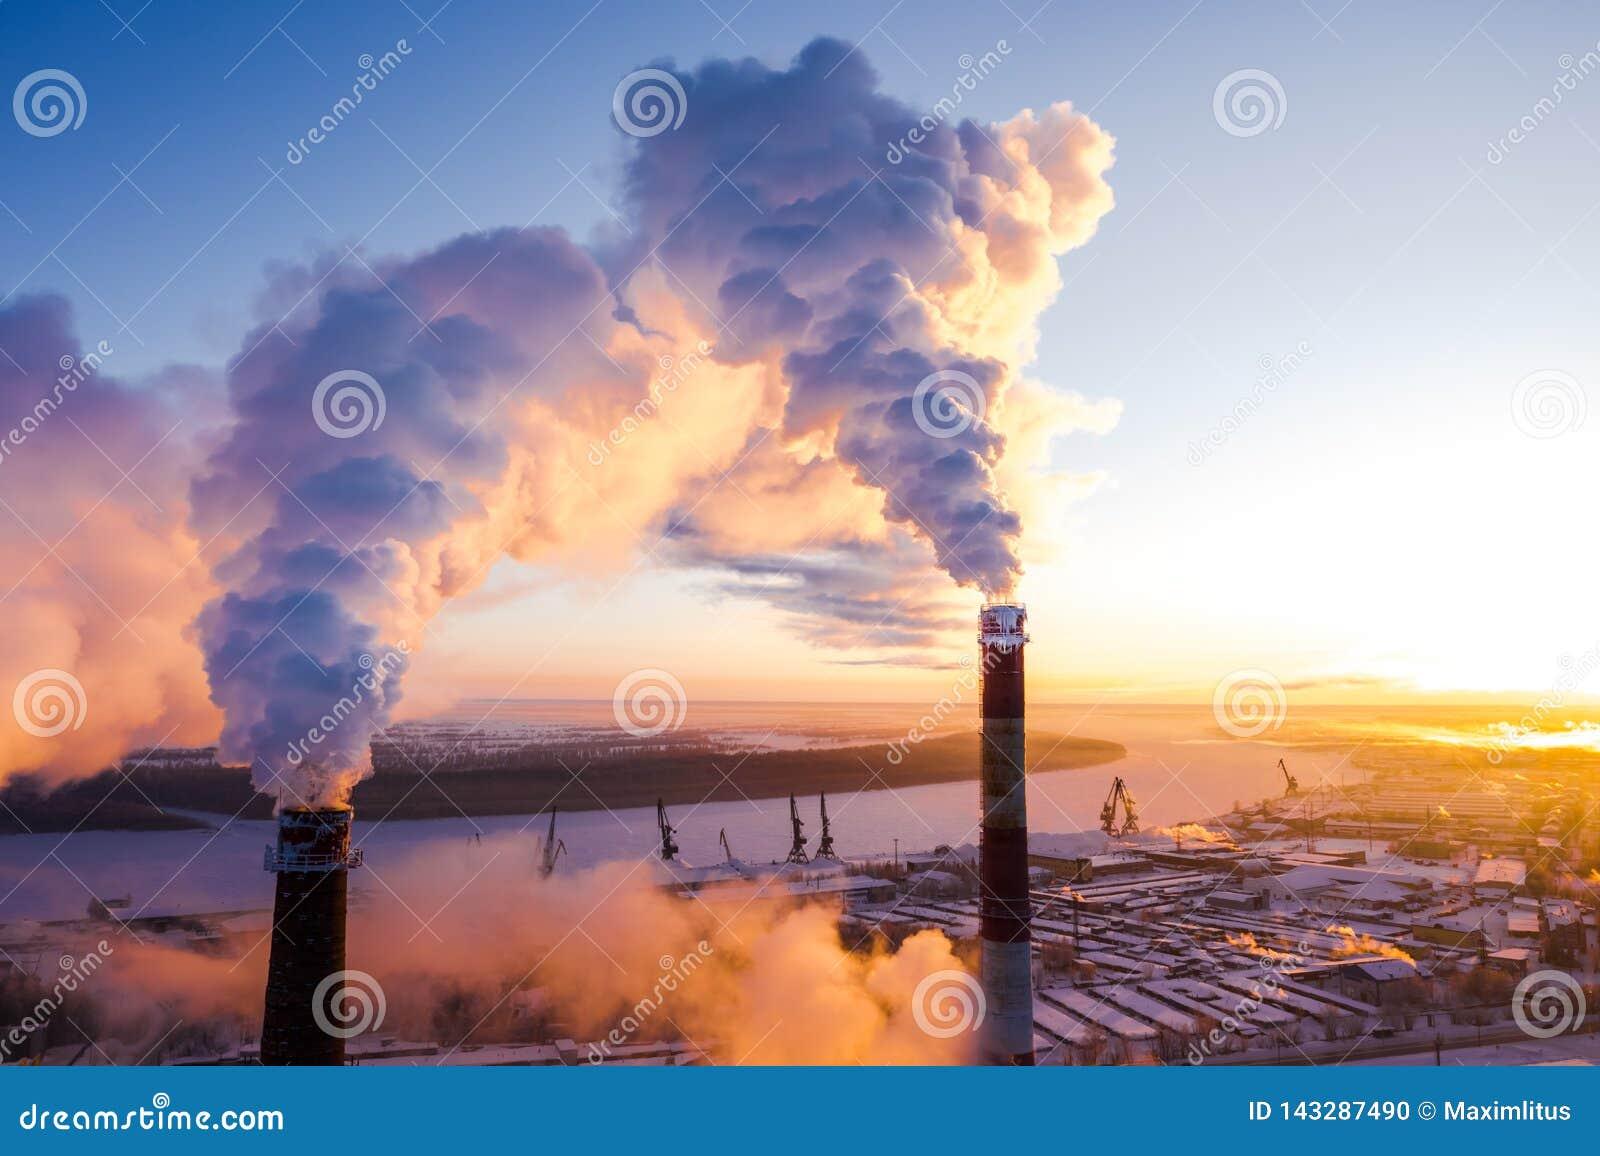 Ηλιοβασίλεμα πέρα από τη βιομηχανική περιοχή της πόλης το χειμώνα